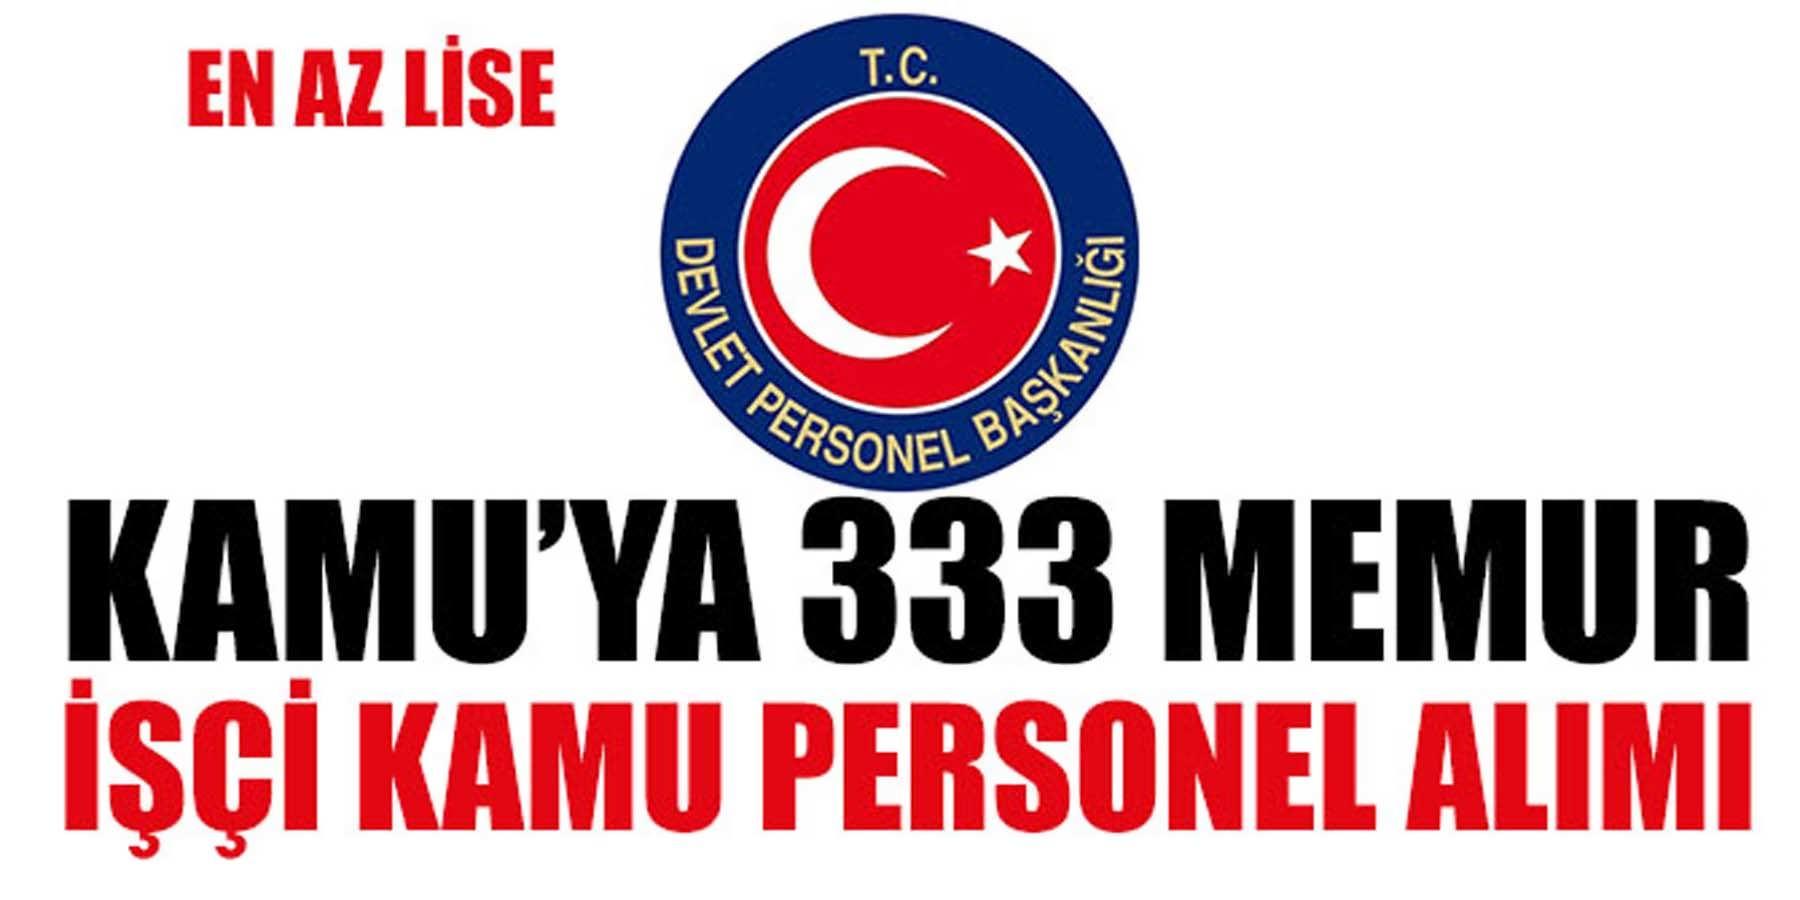 DPB Kamu'ya 333 Memur, İşçi ve Kamu Personeli Alımı